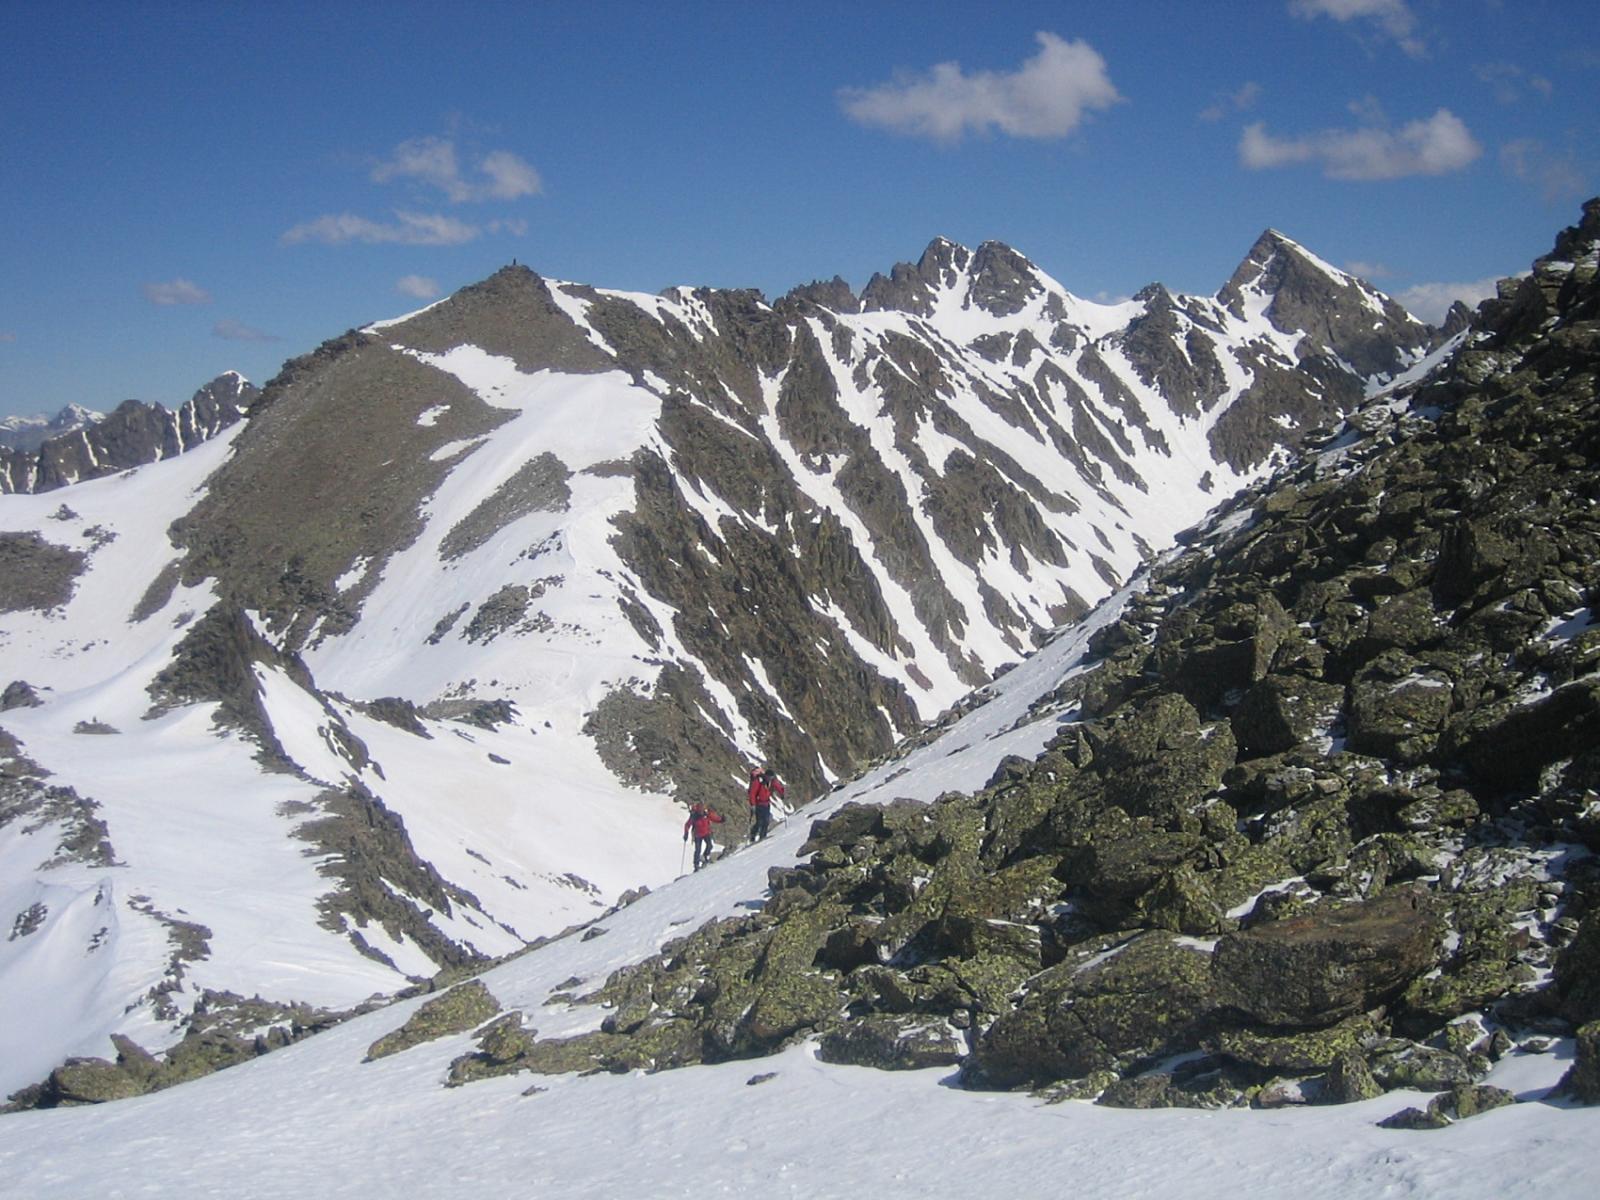 aggirato il  pietroso pendio sulla sinistra si sale con gli sci a pochi metri dalla cima; sulla destra la Cima del Corborant;